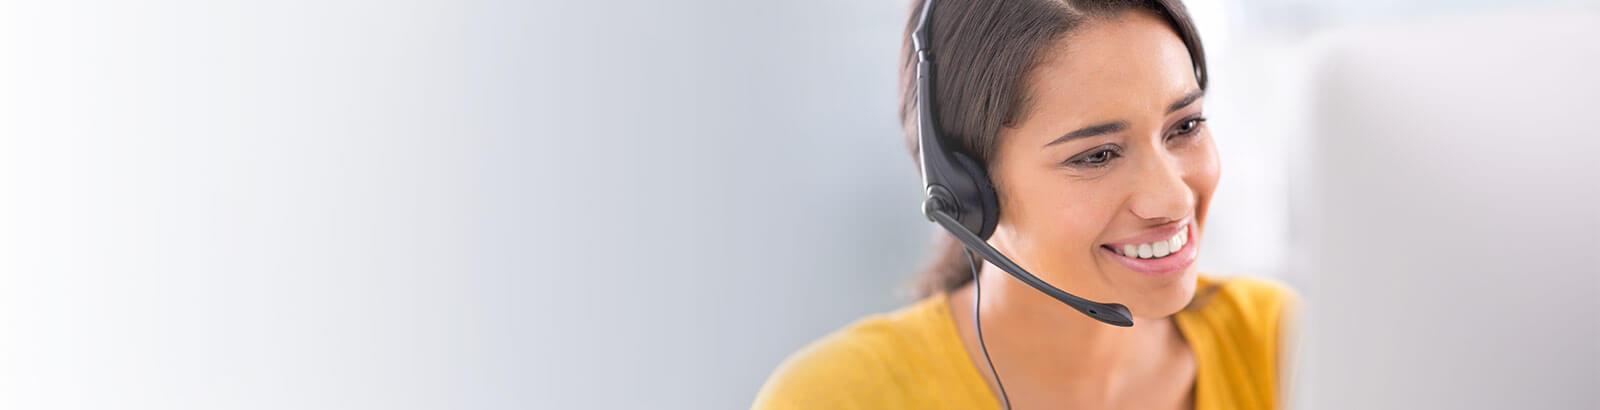 Search Customer Services Jobs at Kaiser Permanente - Kaiser Permanente